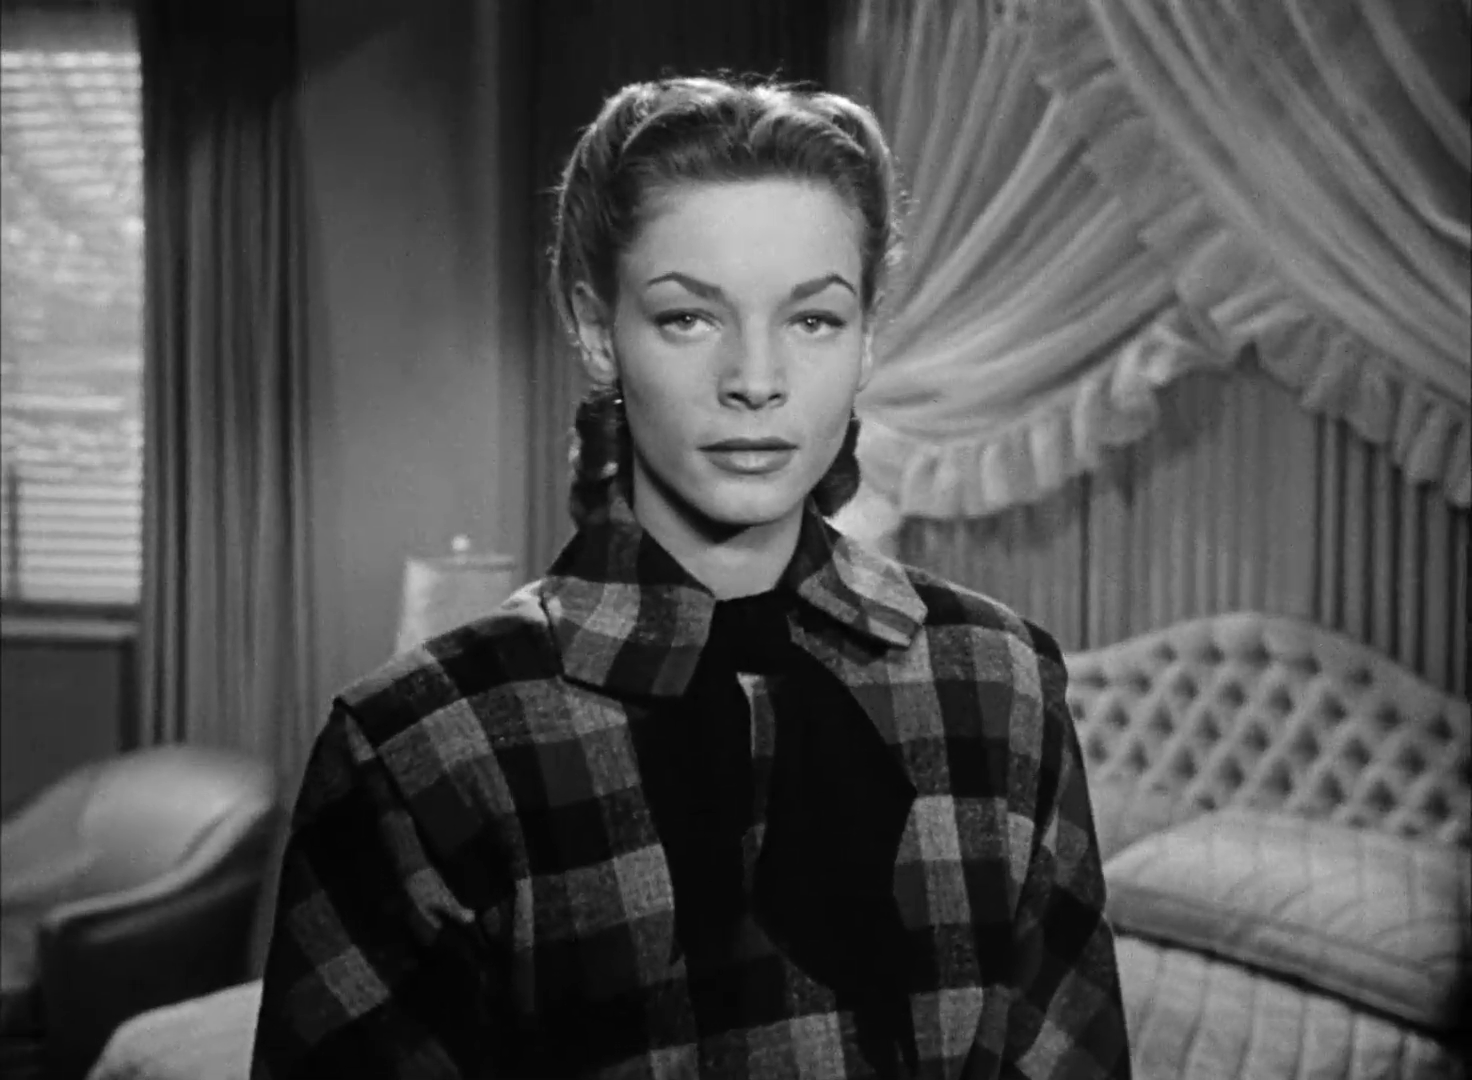 Lauren Bacall dans le film Dark passage (Les passagers de la nuit, 1947) de Delmer Daves